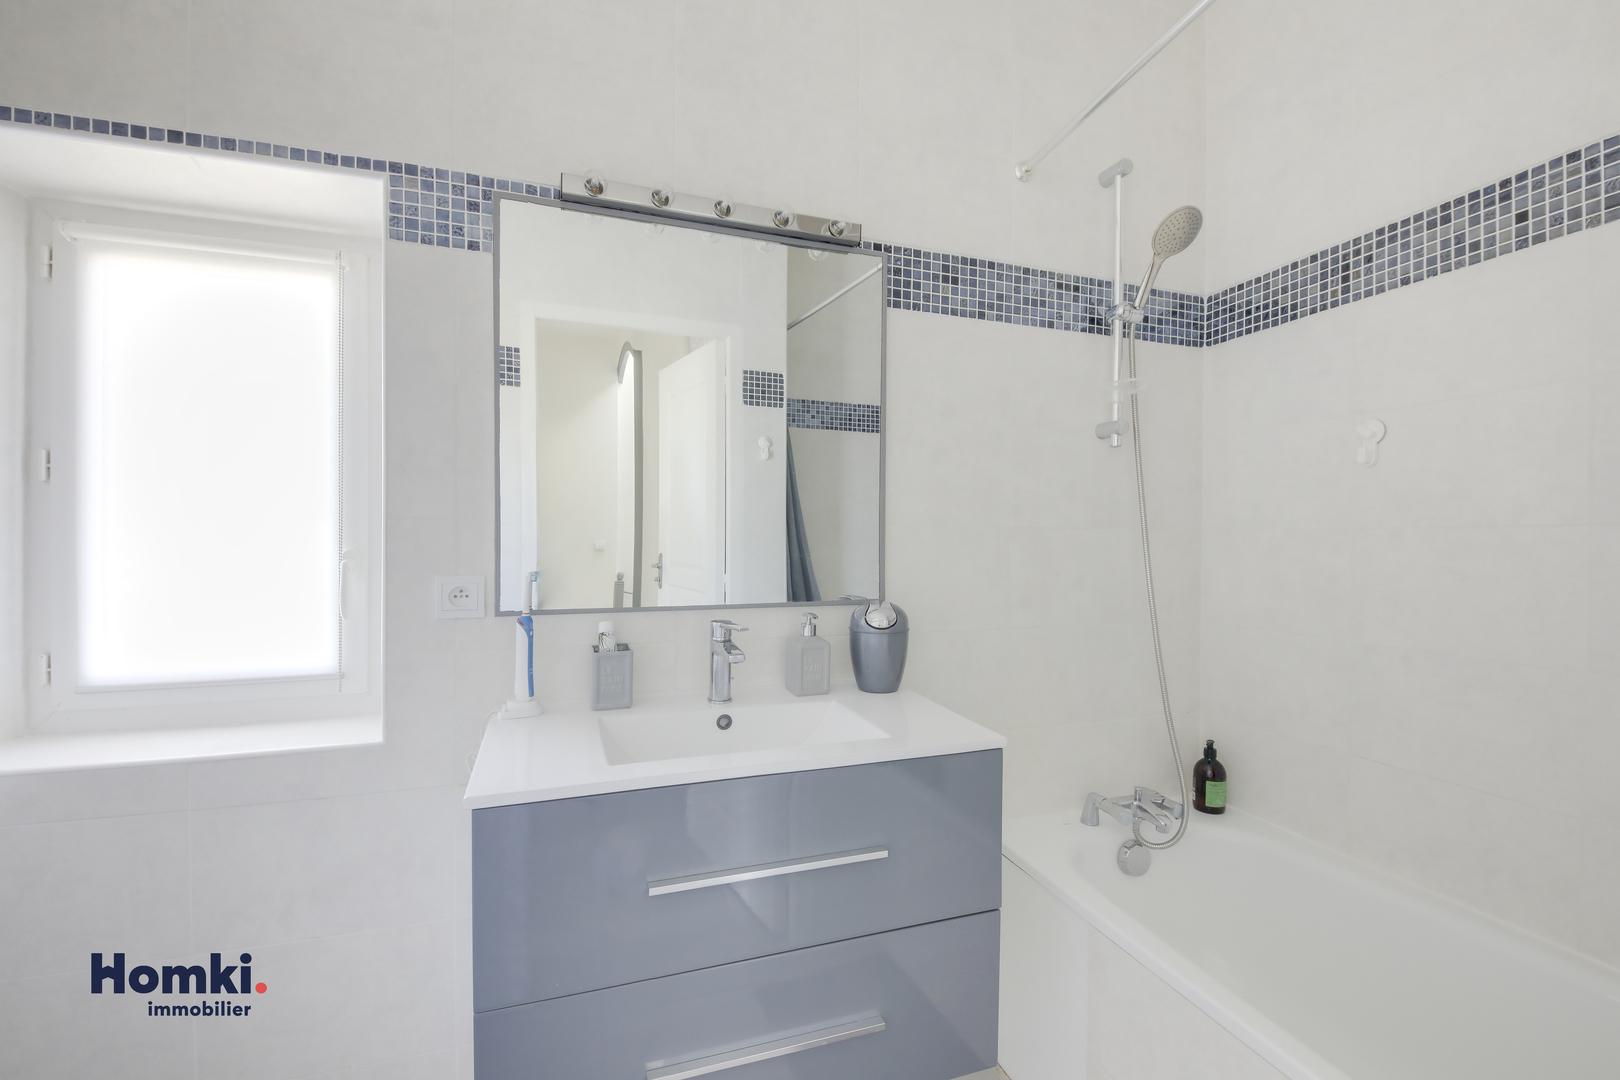 Vente Maison 65 m² T3 13013_10